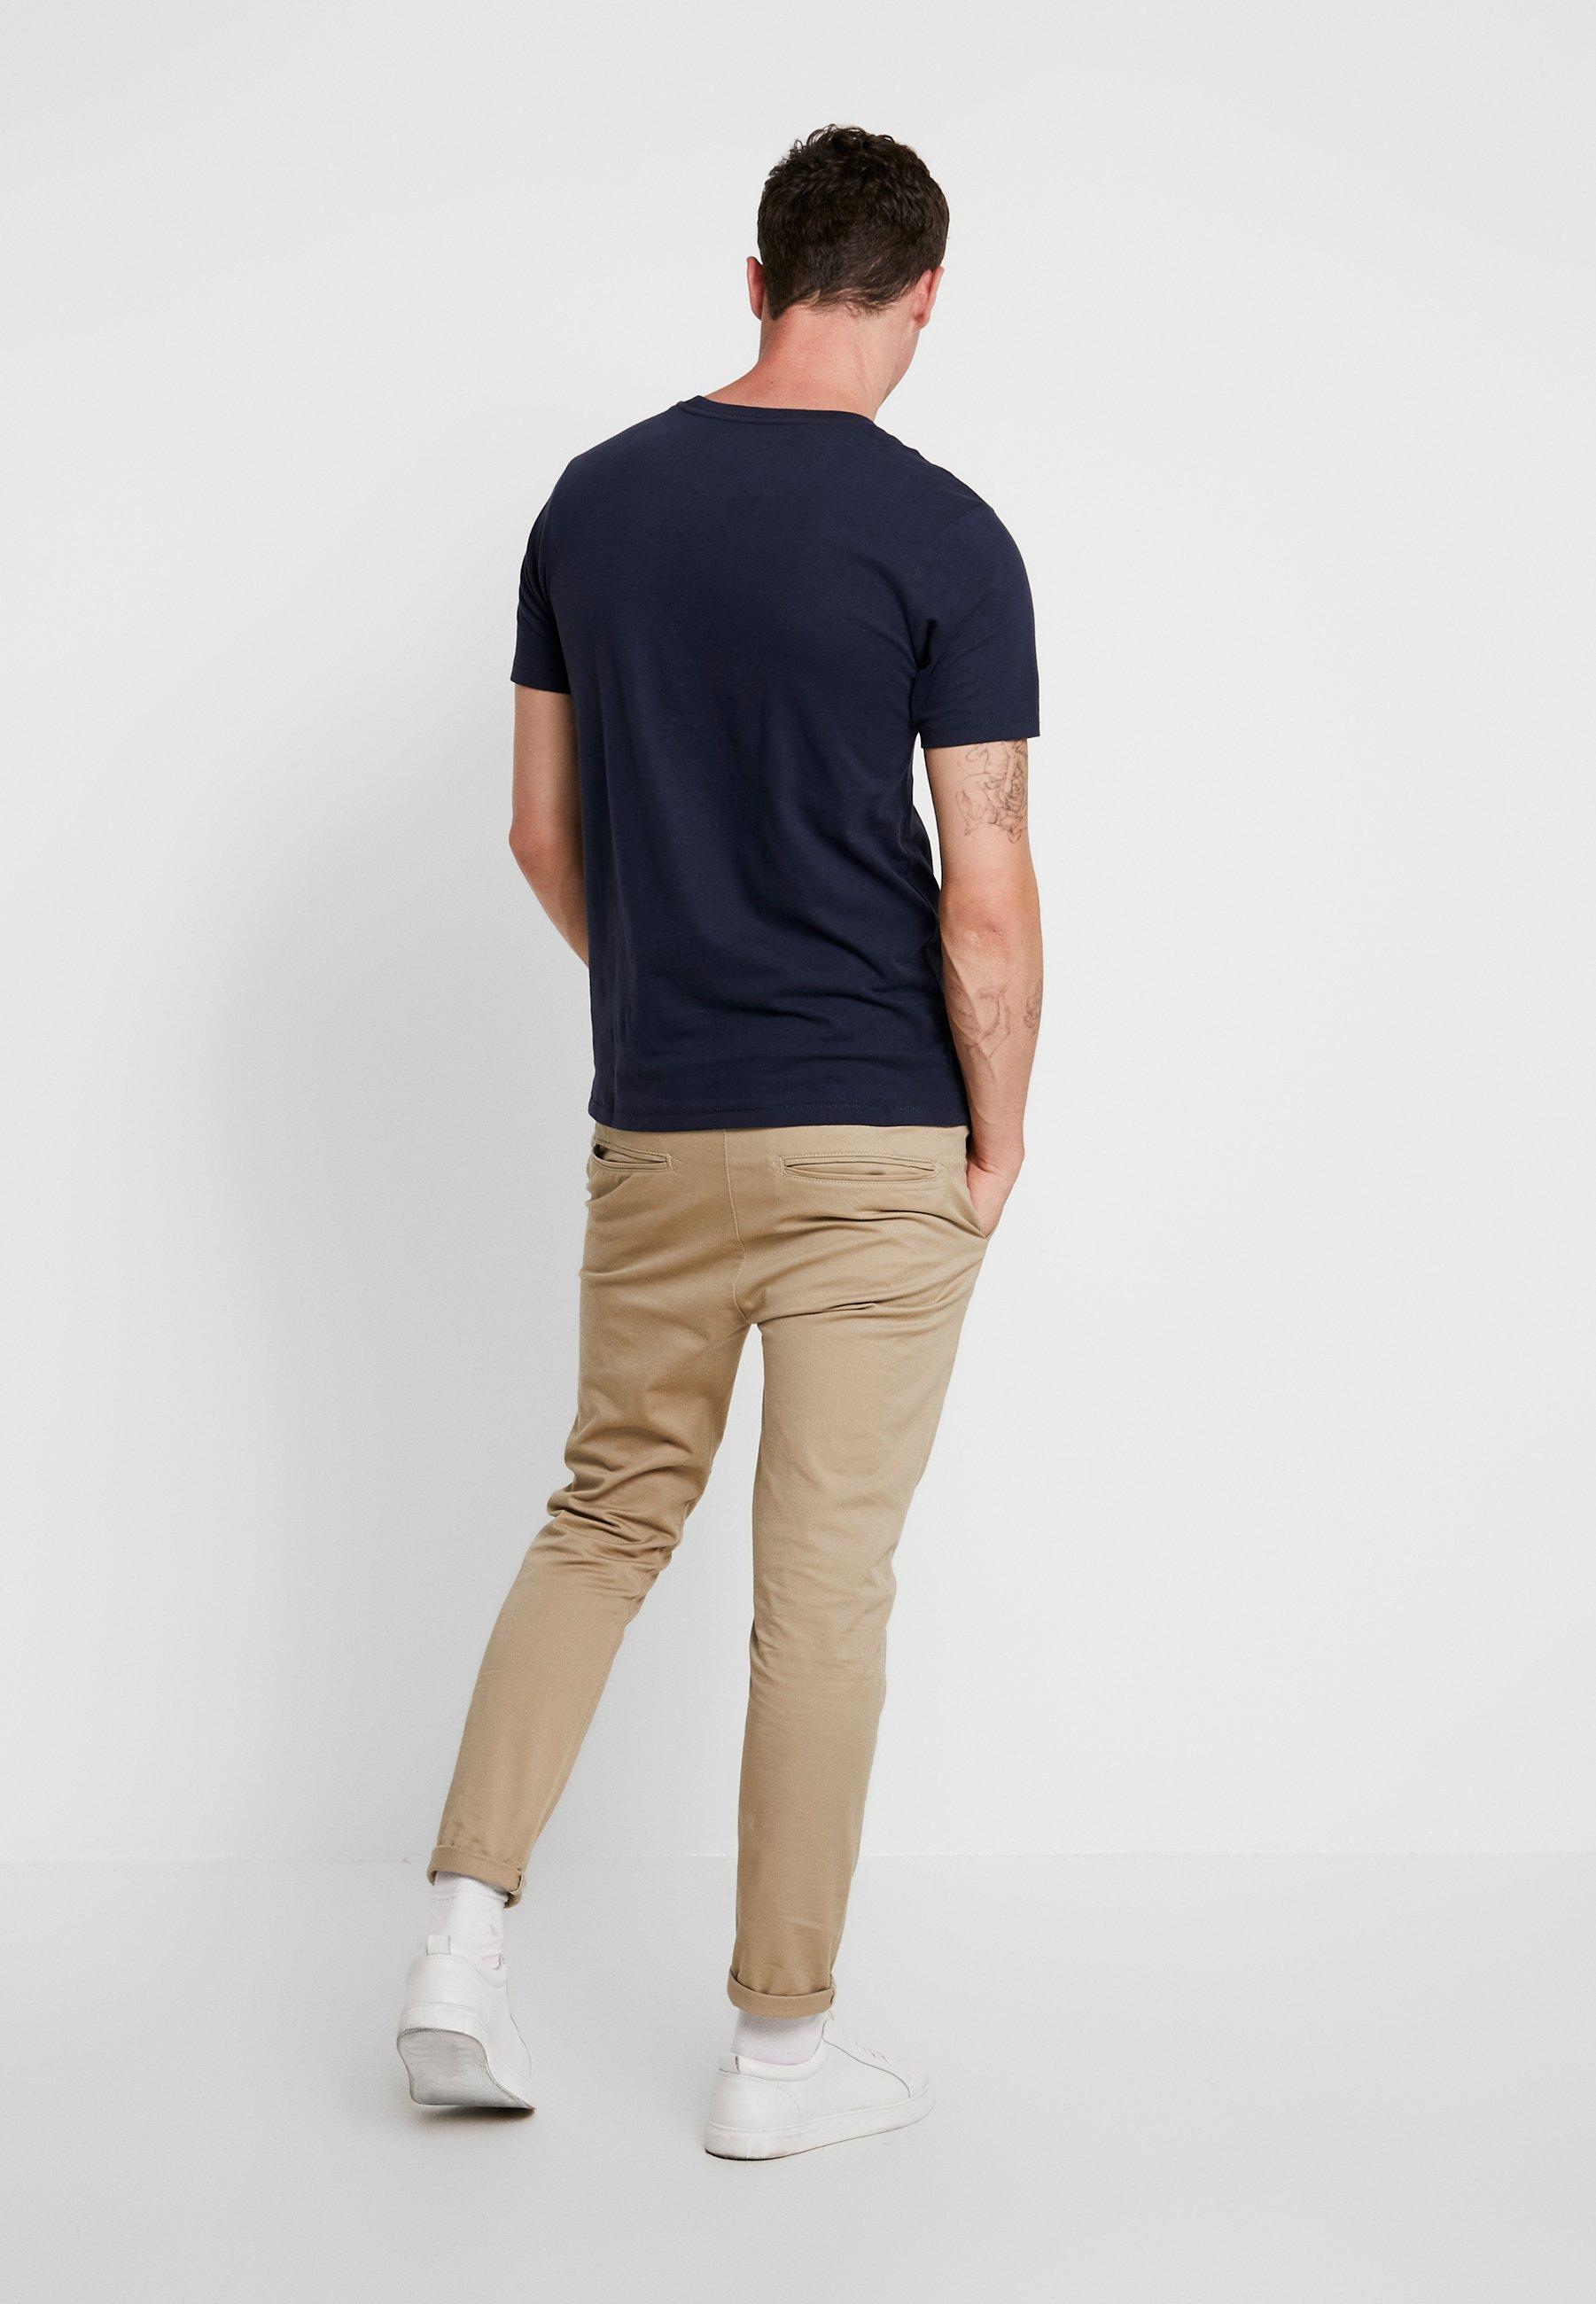 Jackamp; Slim Jones Navy NeckT Crew shirt Jorskoll Blazer Fit Tee Imprimé SUMpzV